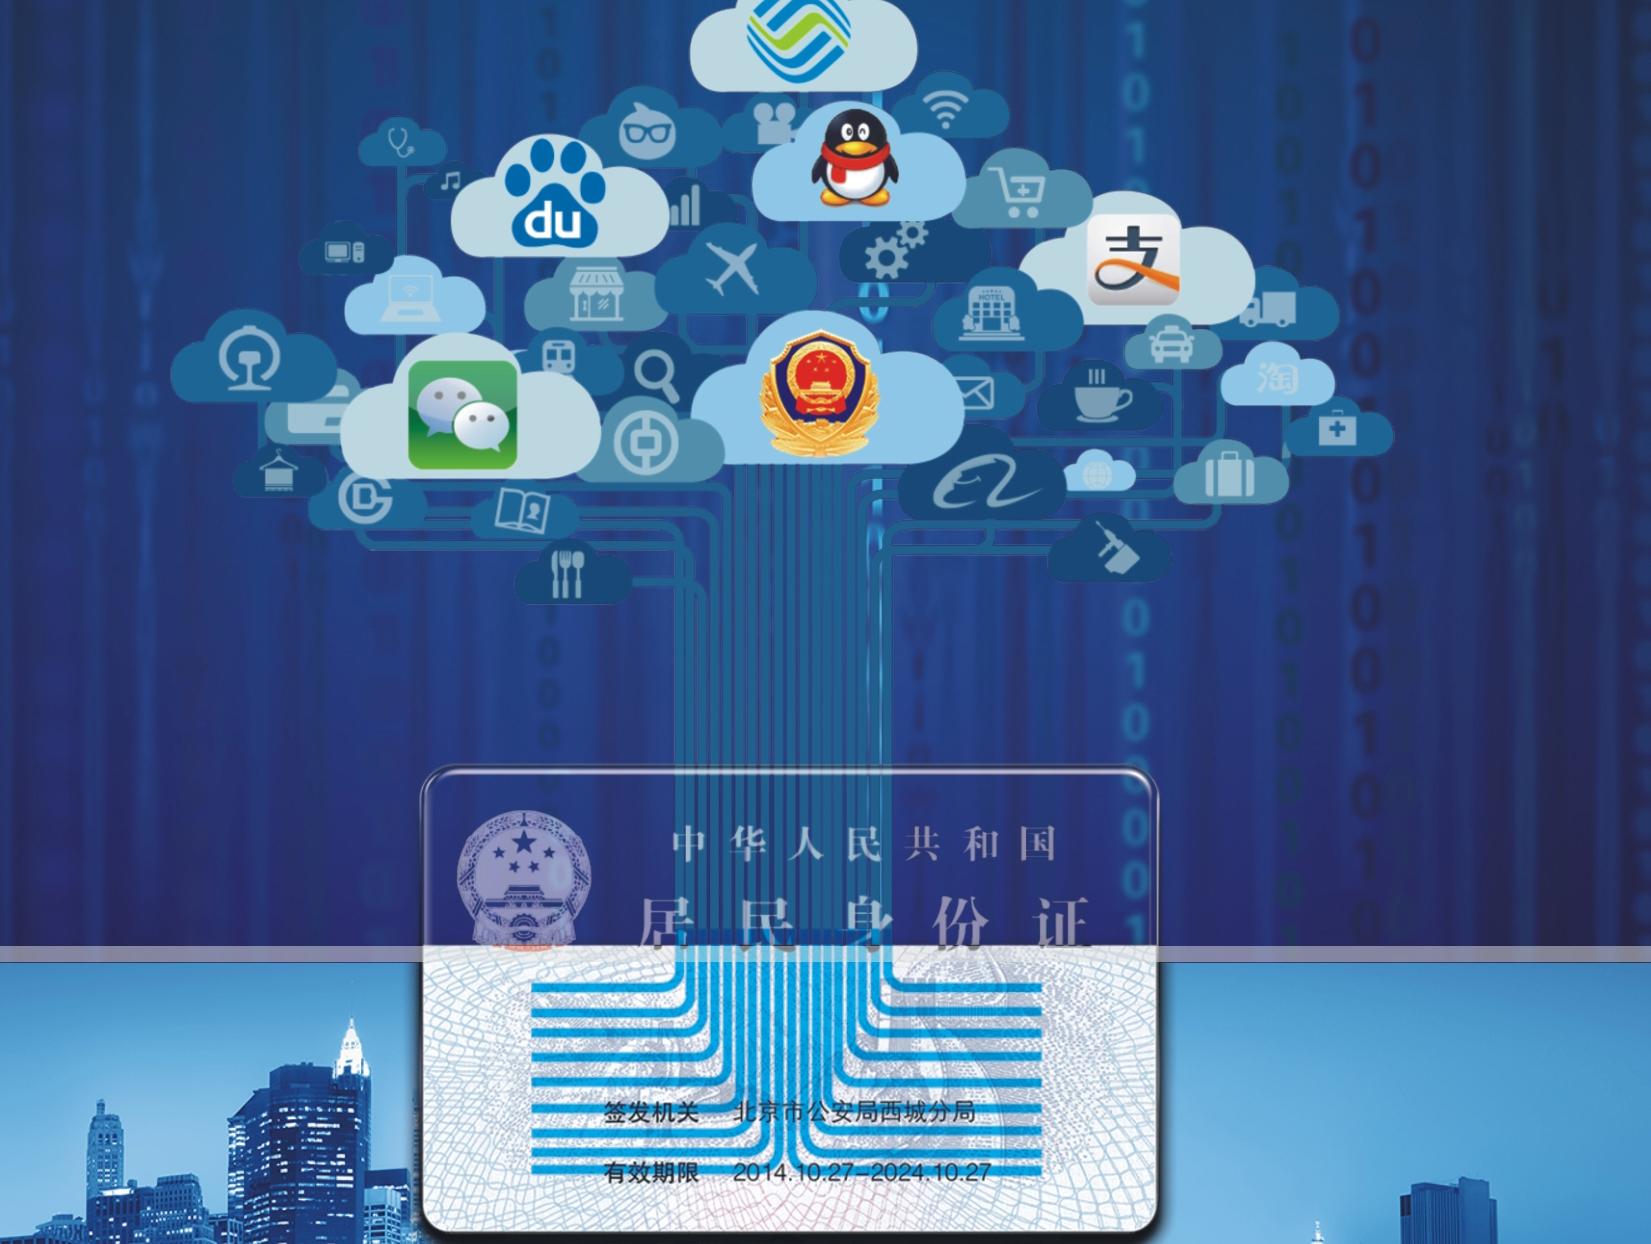 基于法律证件开展可信身份管理 共同营造风朗气清的网络空间环境